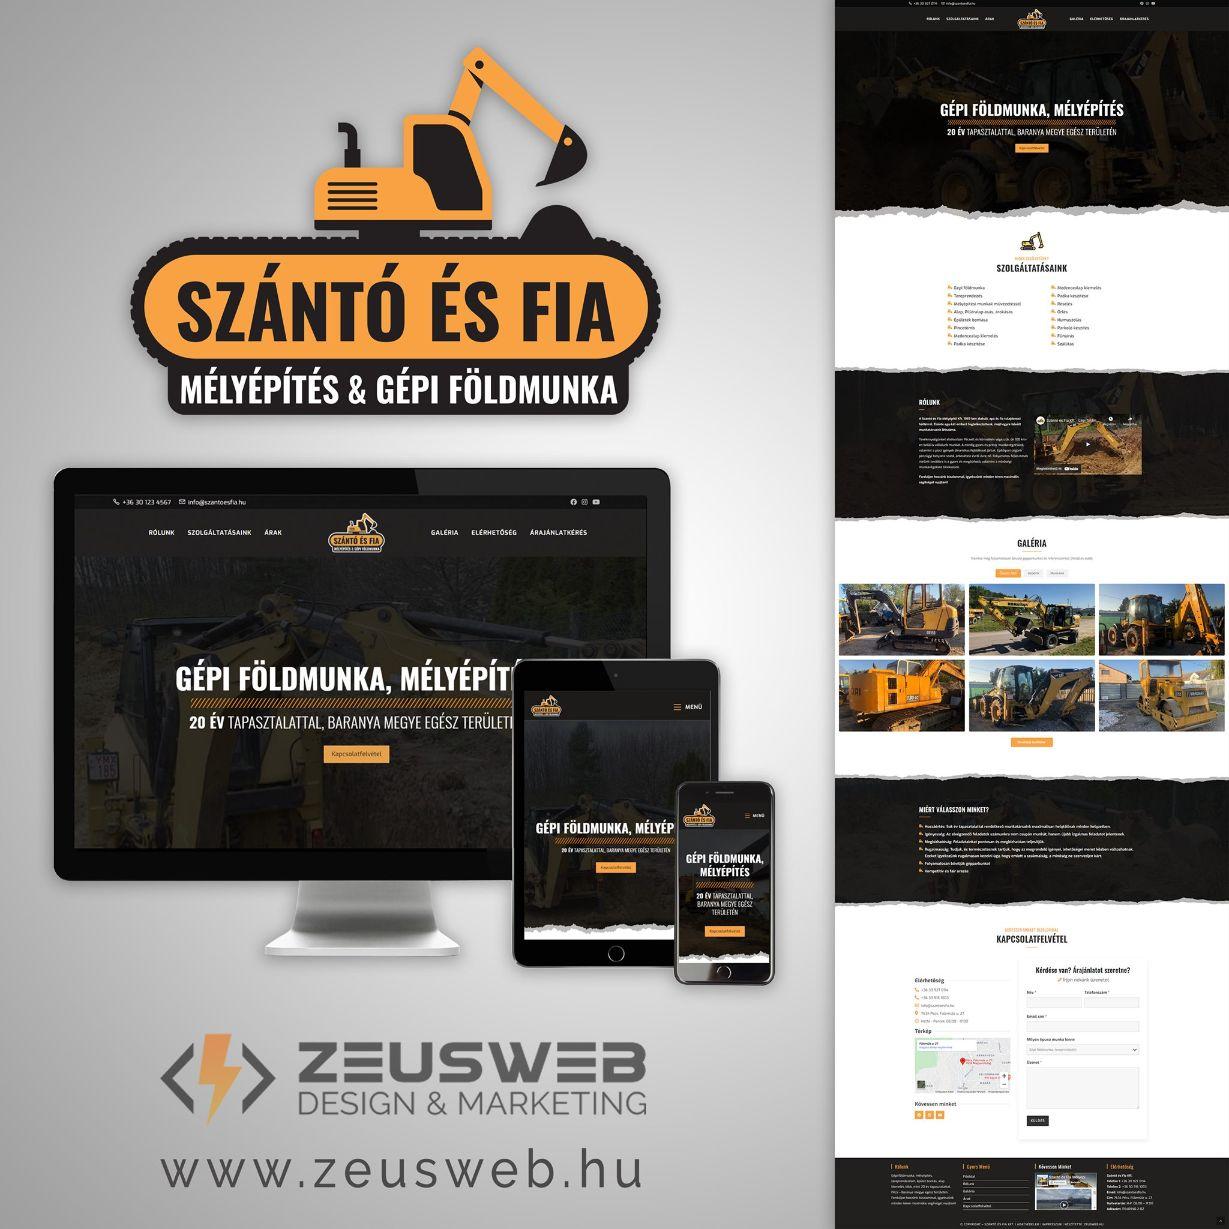 Szanto-es-fia-weboldal-keszites-logo-tervezes-gepi-foldmunka-epitkezes-melyepites-pecs-zeusweb-latvany